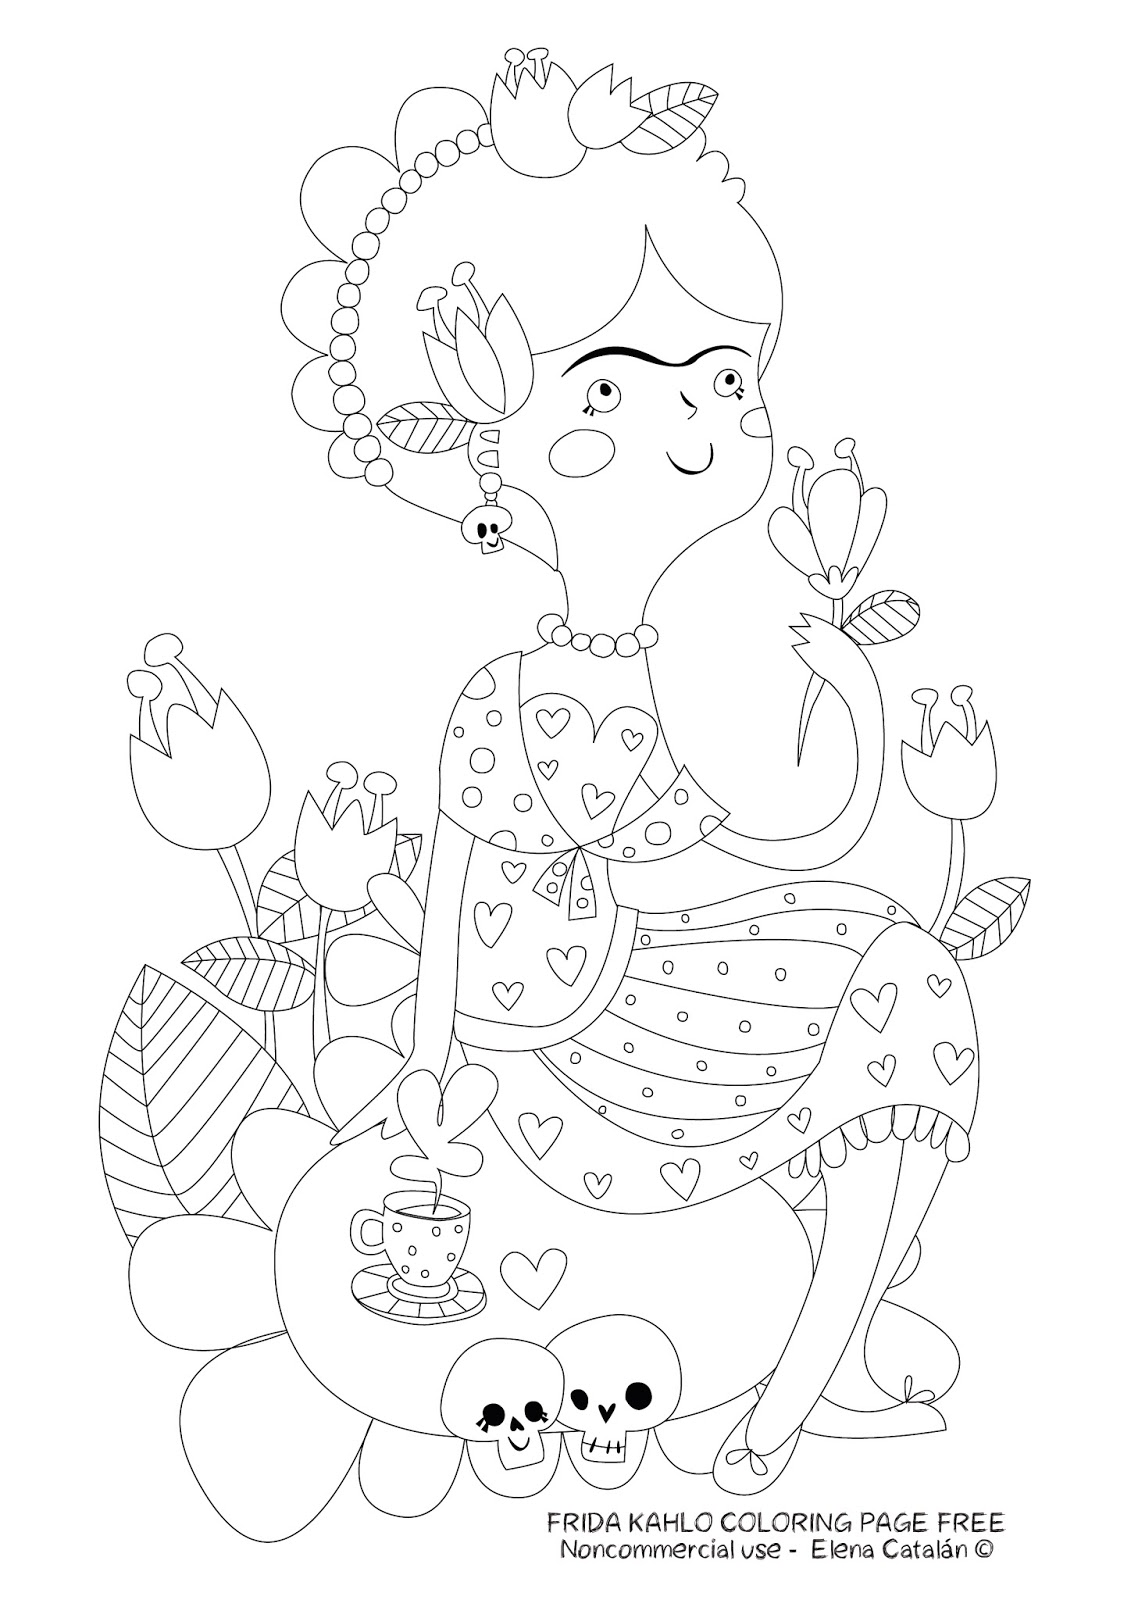 Coso de Ilustradores: FRIDA KAHLO COLORING PAGE FREE